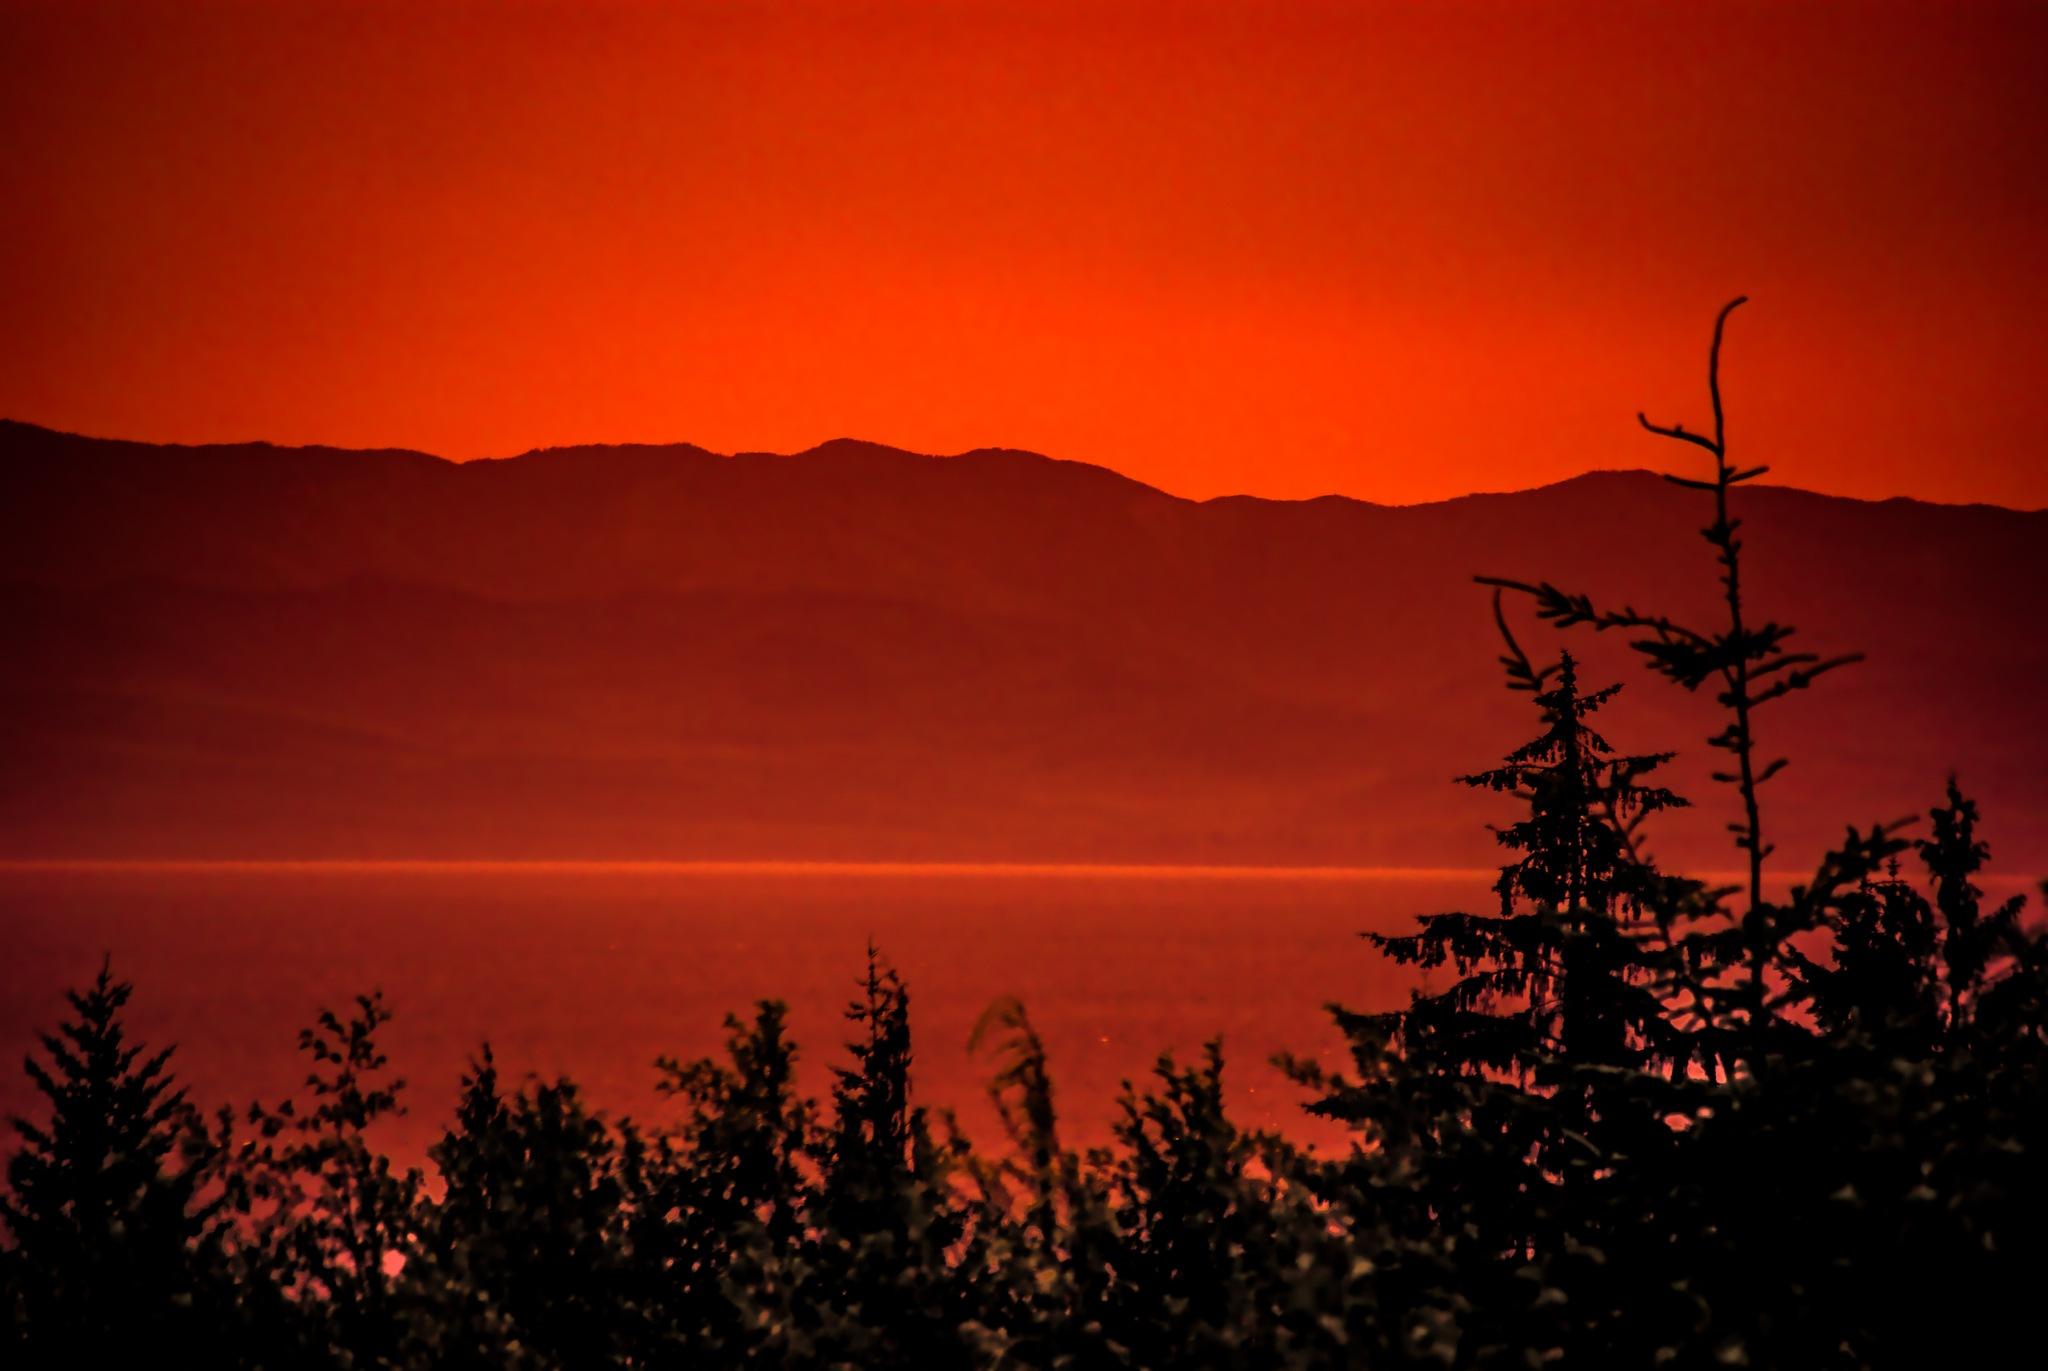 Dawn by Guillermo Sariñana Siller